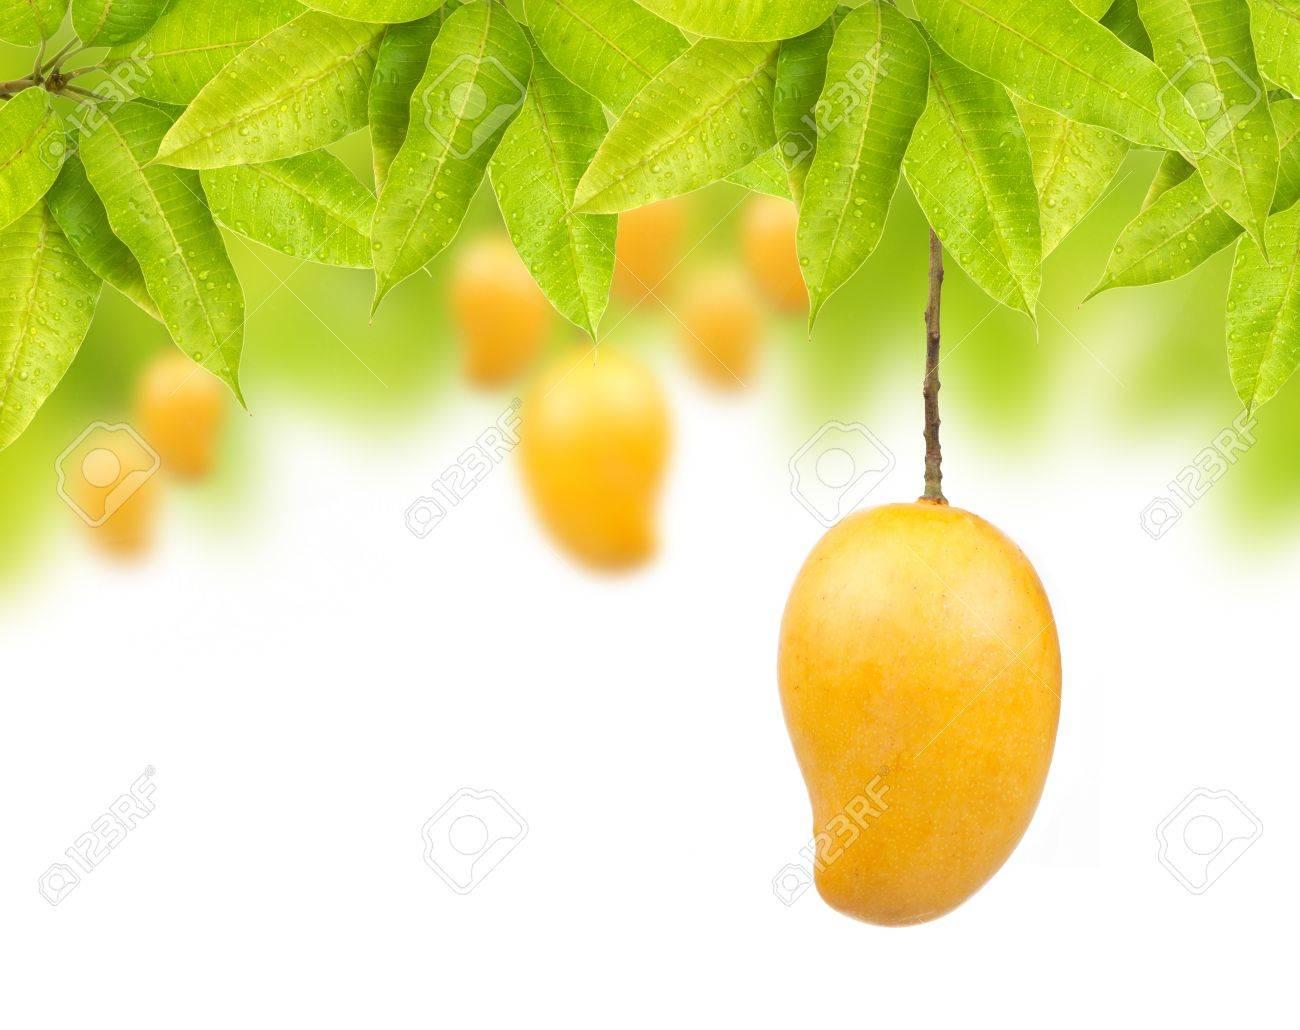 Mango On Tree With Leaf Isolated White Background Stock Photo 1300x1030